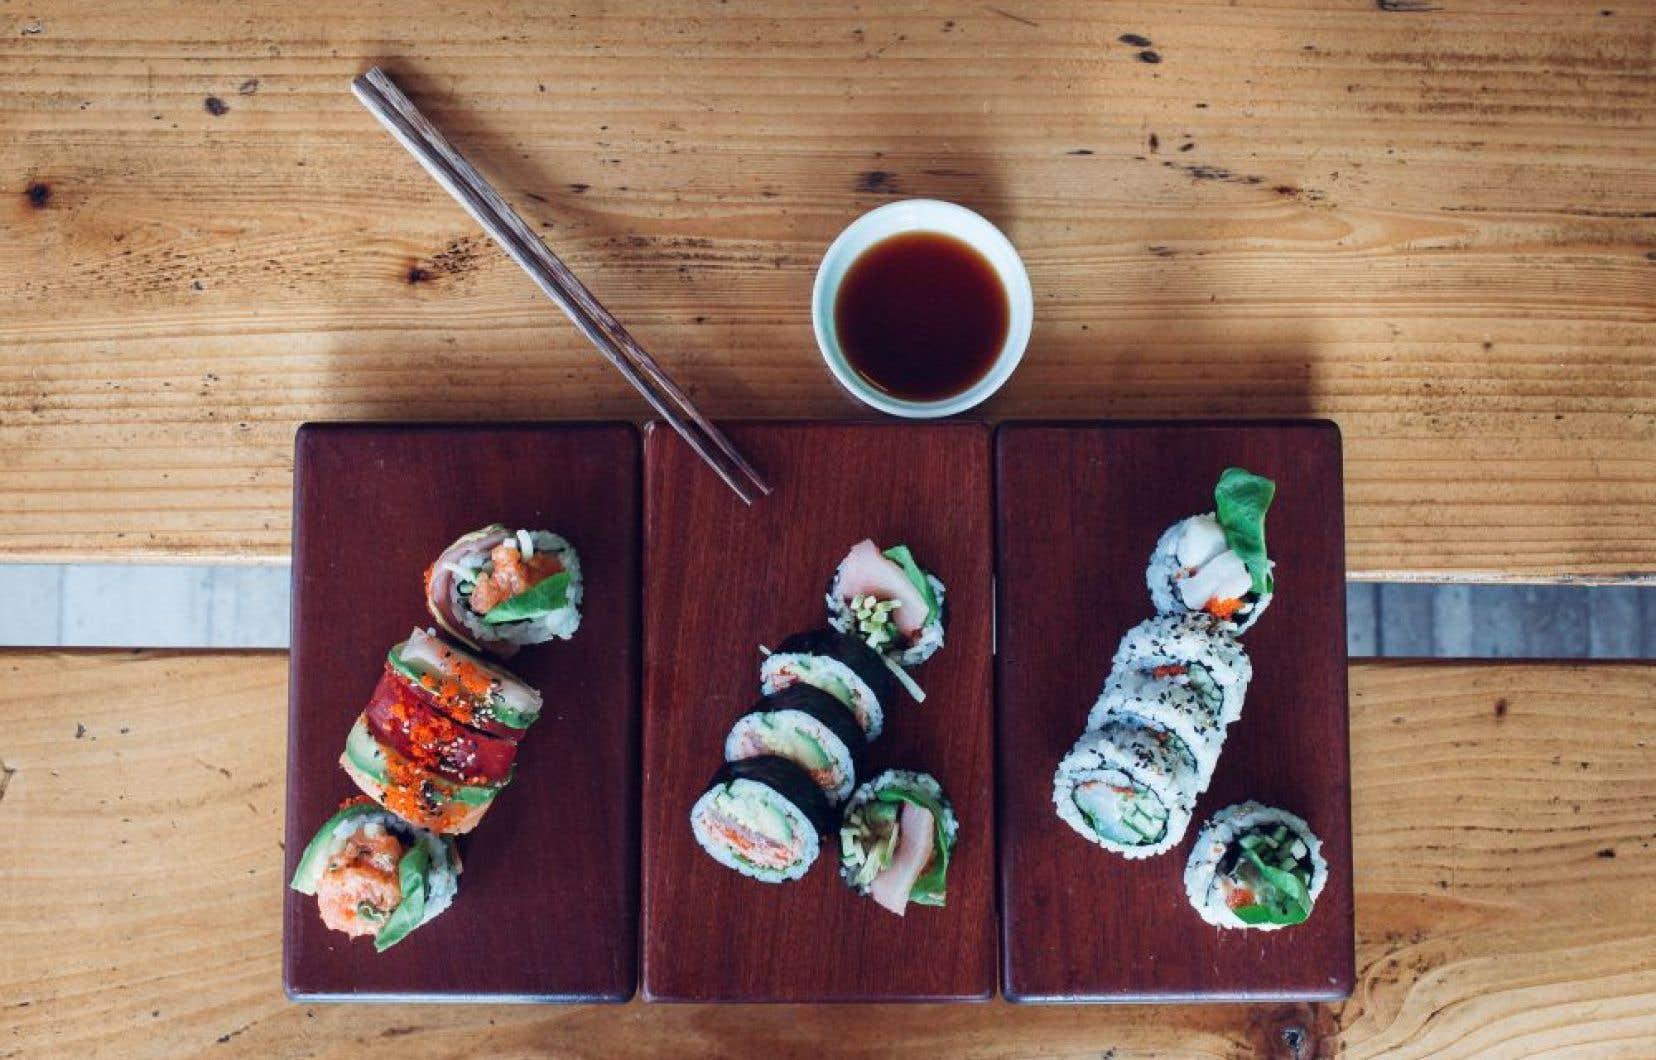 De gauche à droite: le «Petite Patrie»: thon, saumon et hamachi; le «Beaubien»: homard, thon et hamachi; et le sushi pétoncle épicé.